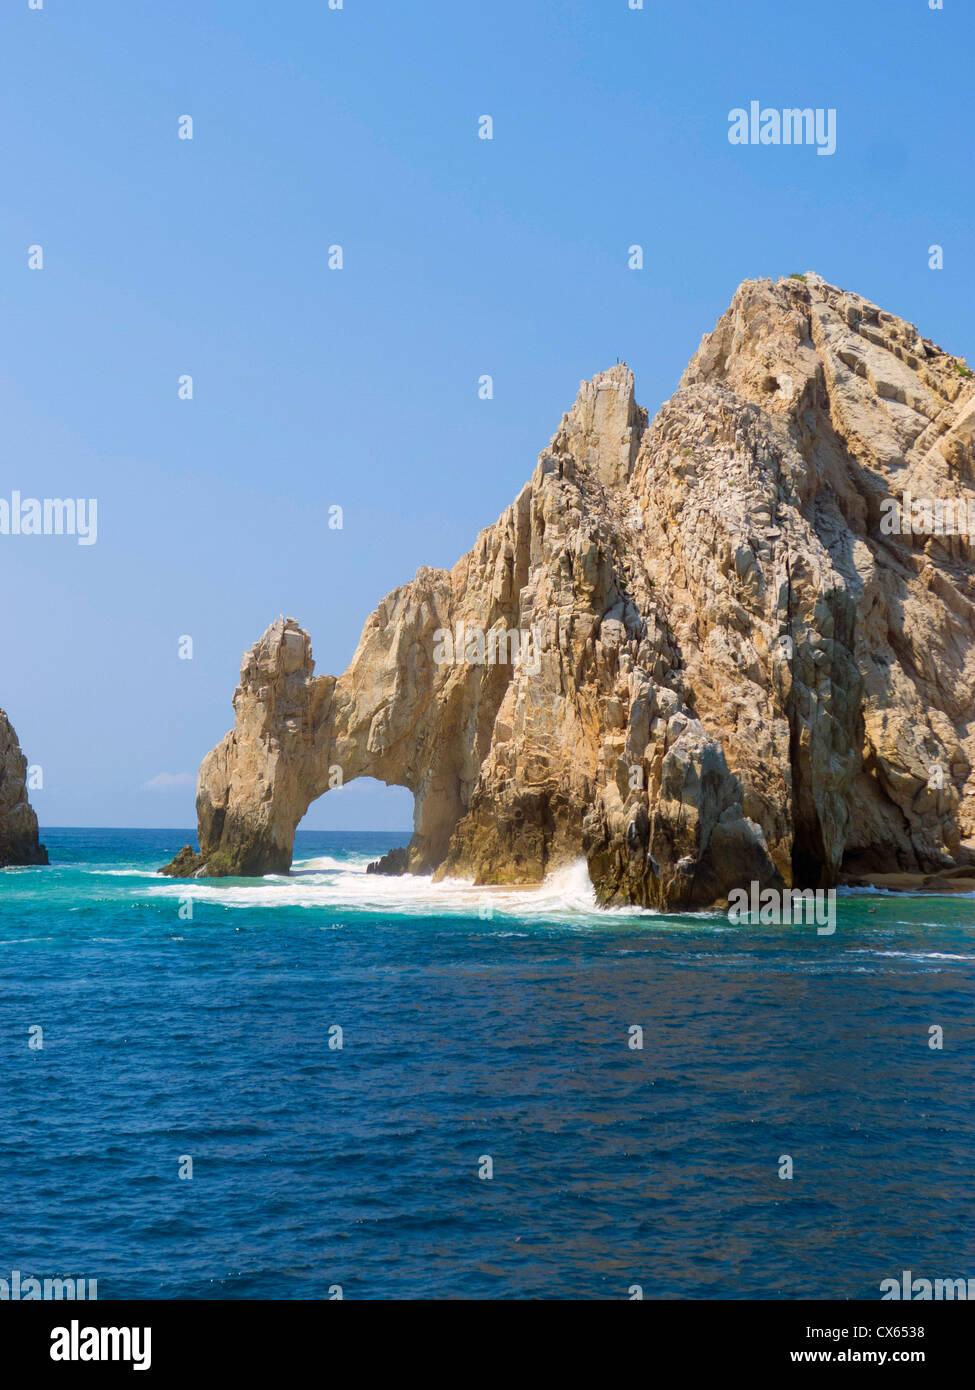 El Arco, The Arch, Cabo San Lucas, Baja, Mexico - Stock Image